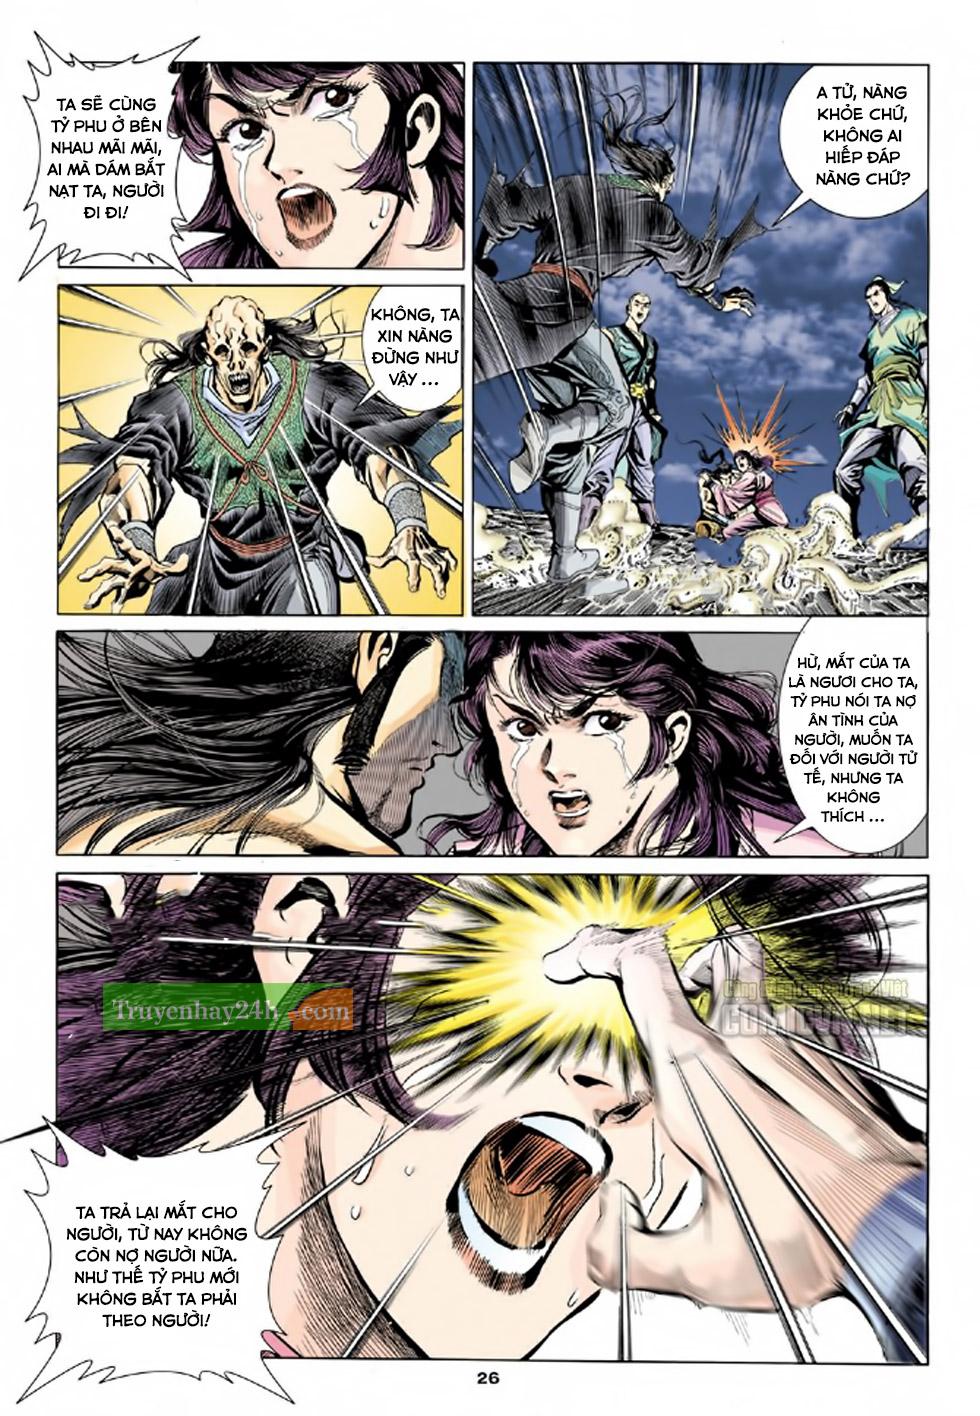 Thiên Long Bát Bộ chap 100 – End Trang 27 - Mangak.info